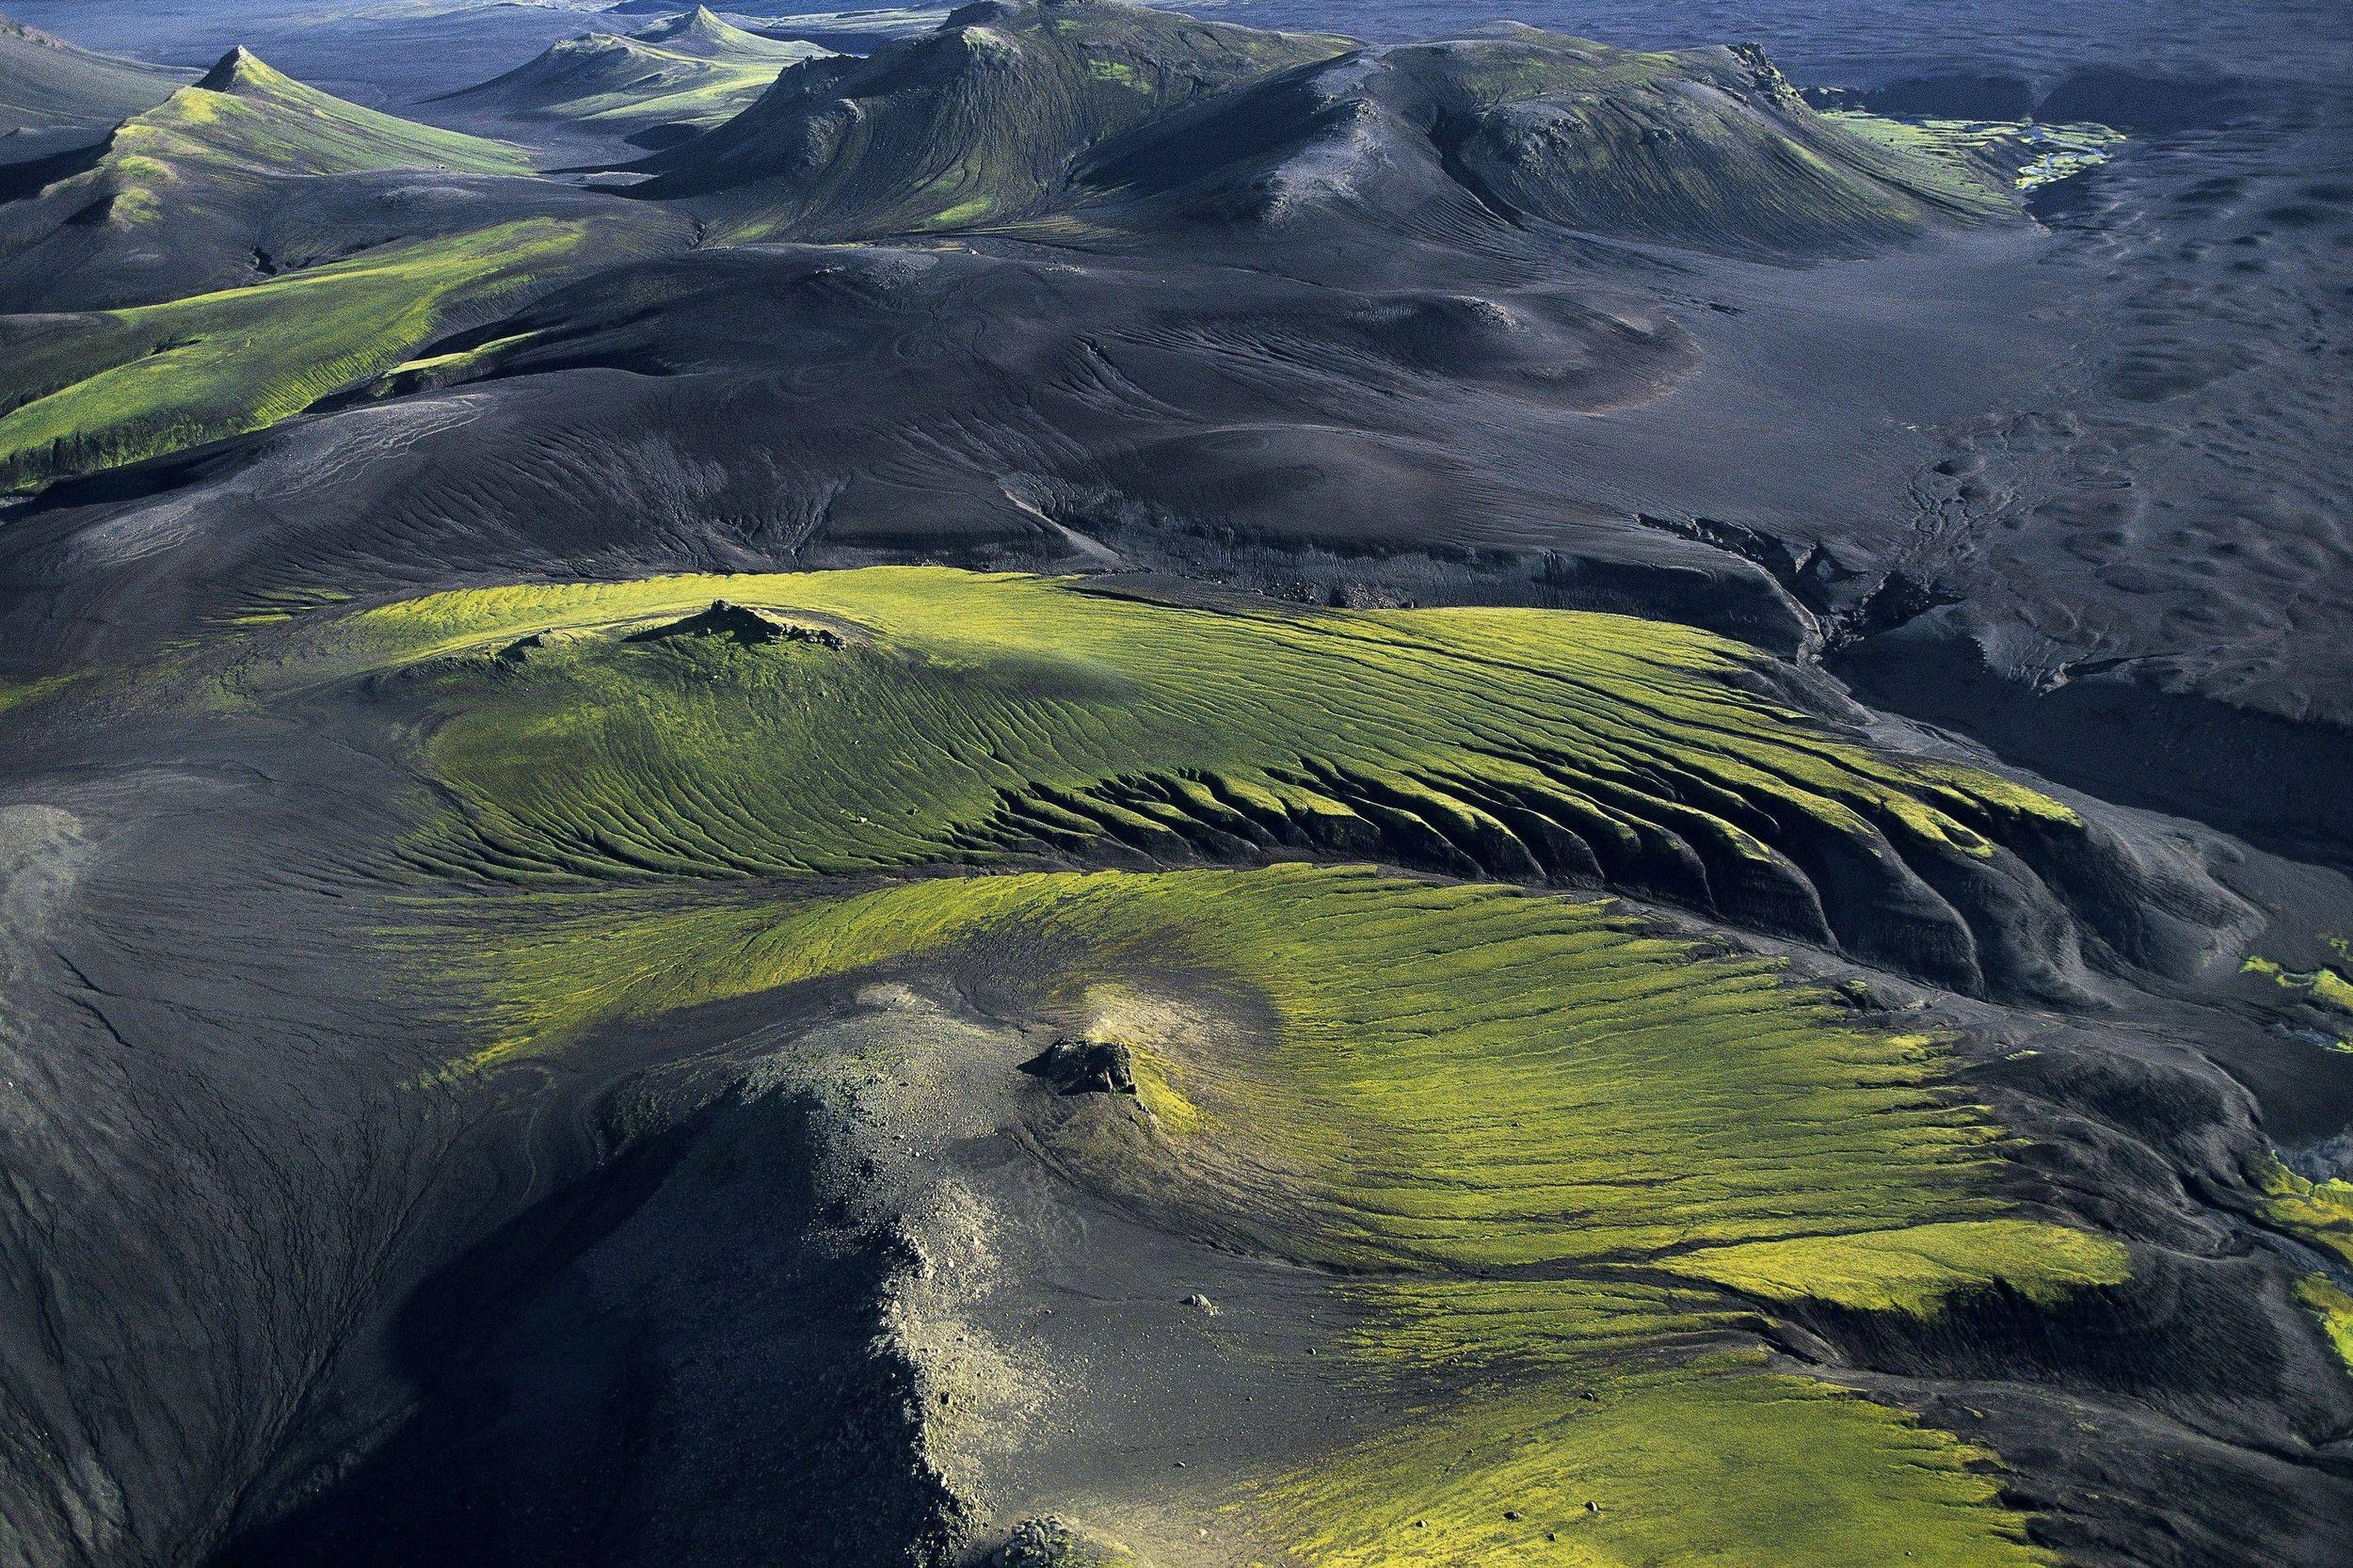 Paysage montagneux pr s de maelifellssandur islande photo d 39 art - Maison arthus bertrand ...